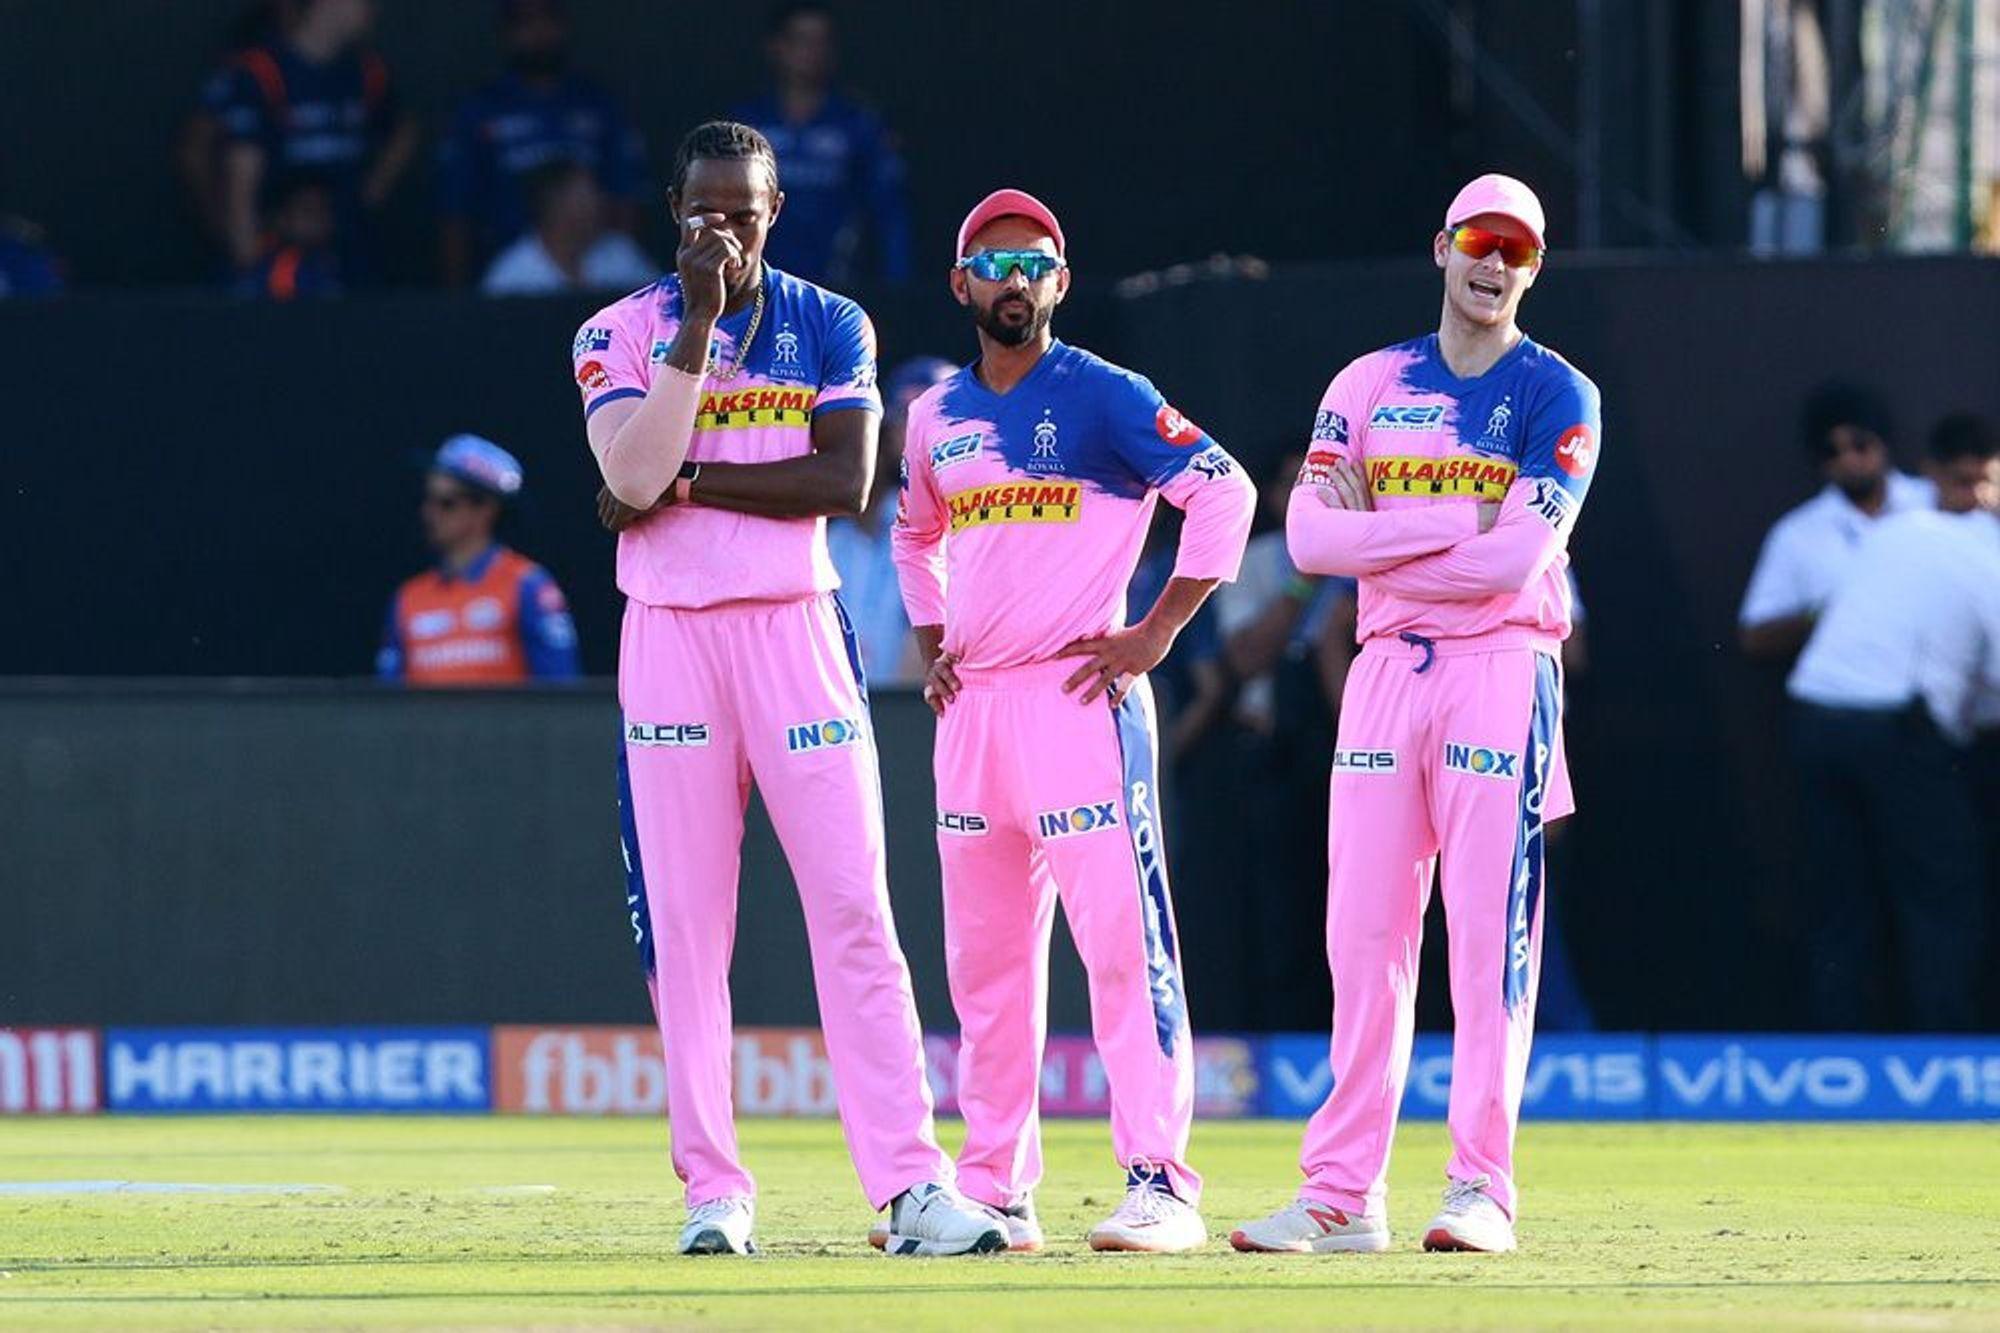 आईपीएल 2019 में एक एक रन के लिए तरस रहा हैं यह ऑस्ट्रेलियाई खिलाड़ी, भारत के खिलाफ रातोंरात बना था सुपरस्टार 10